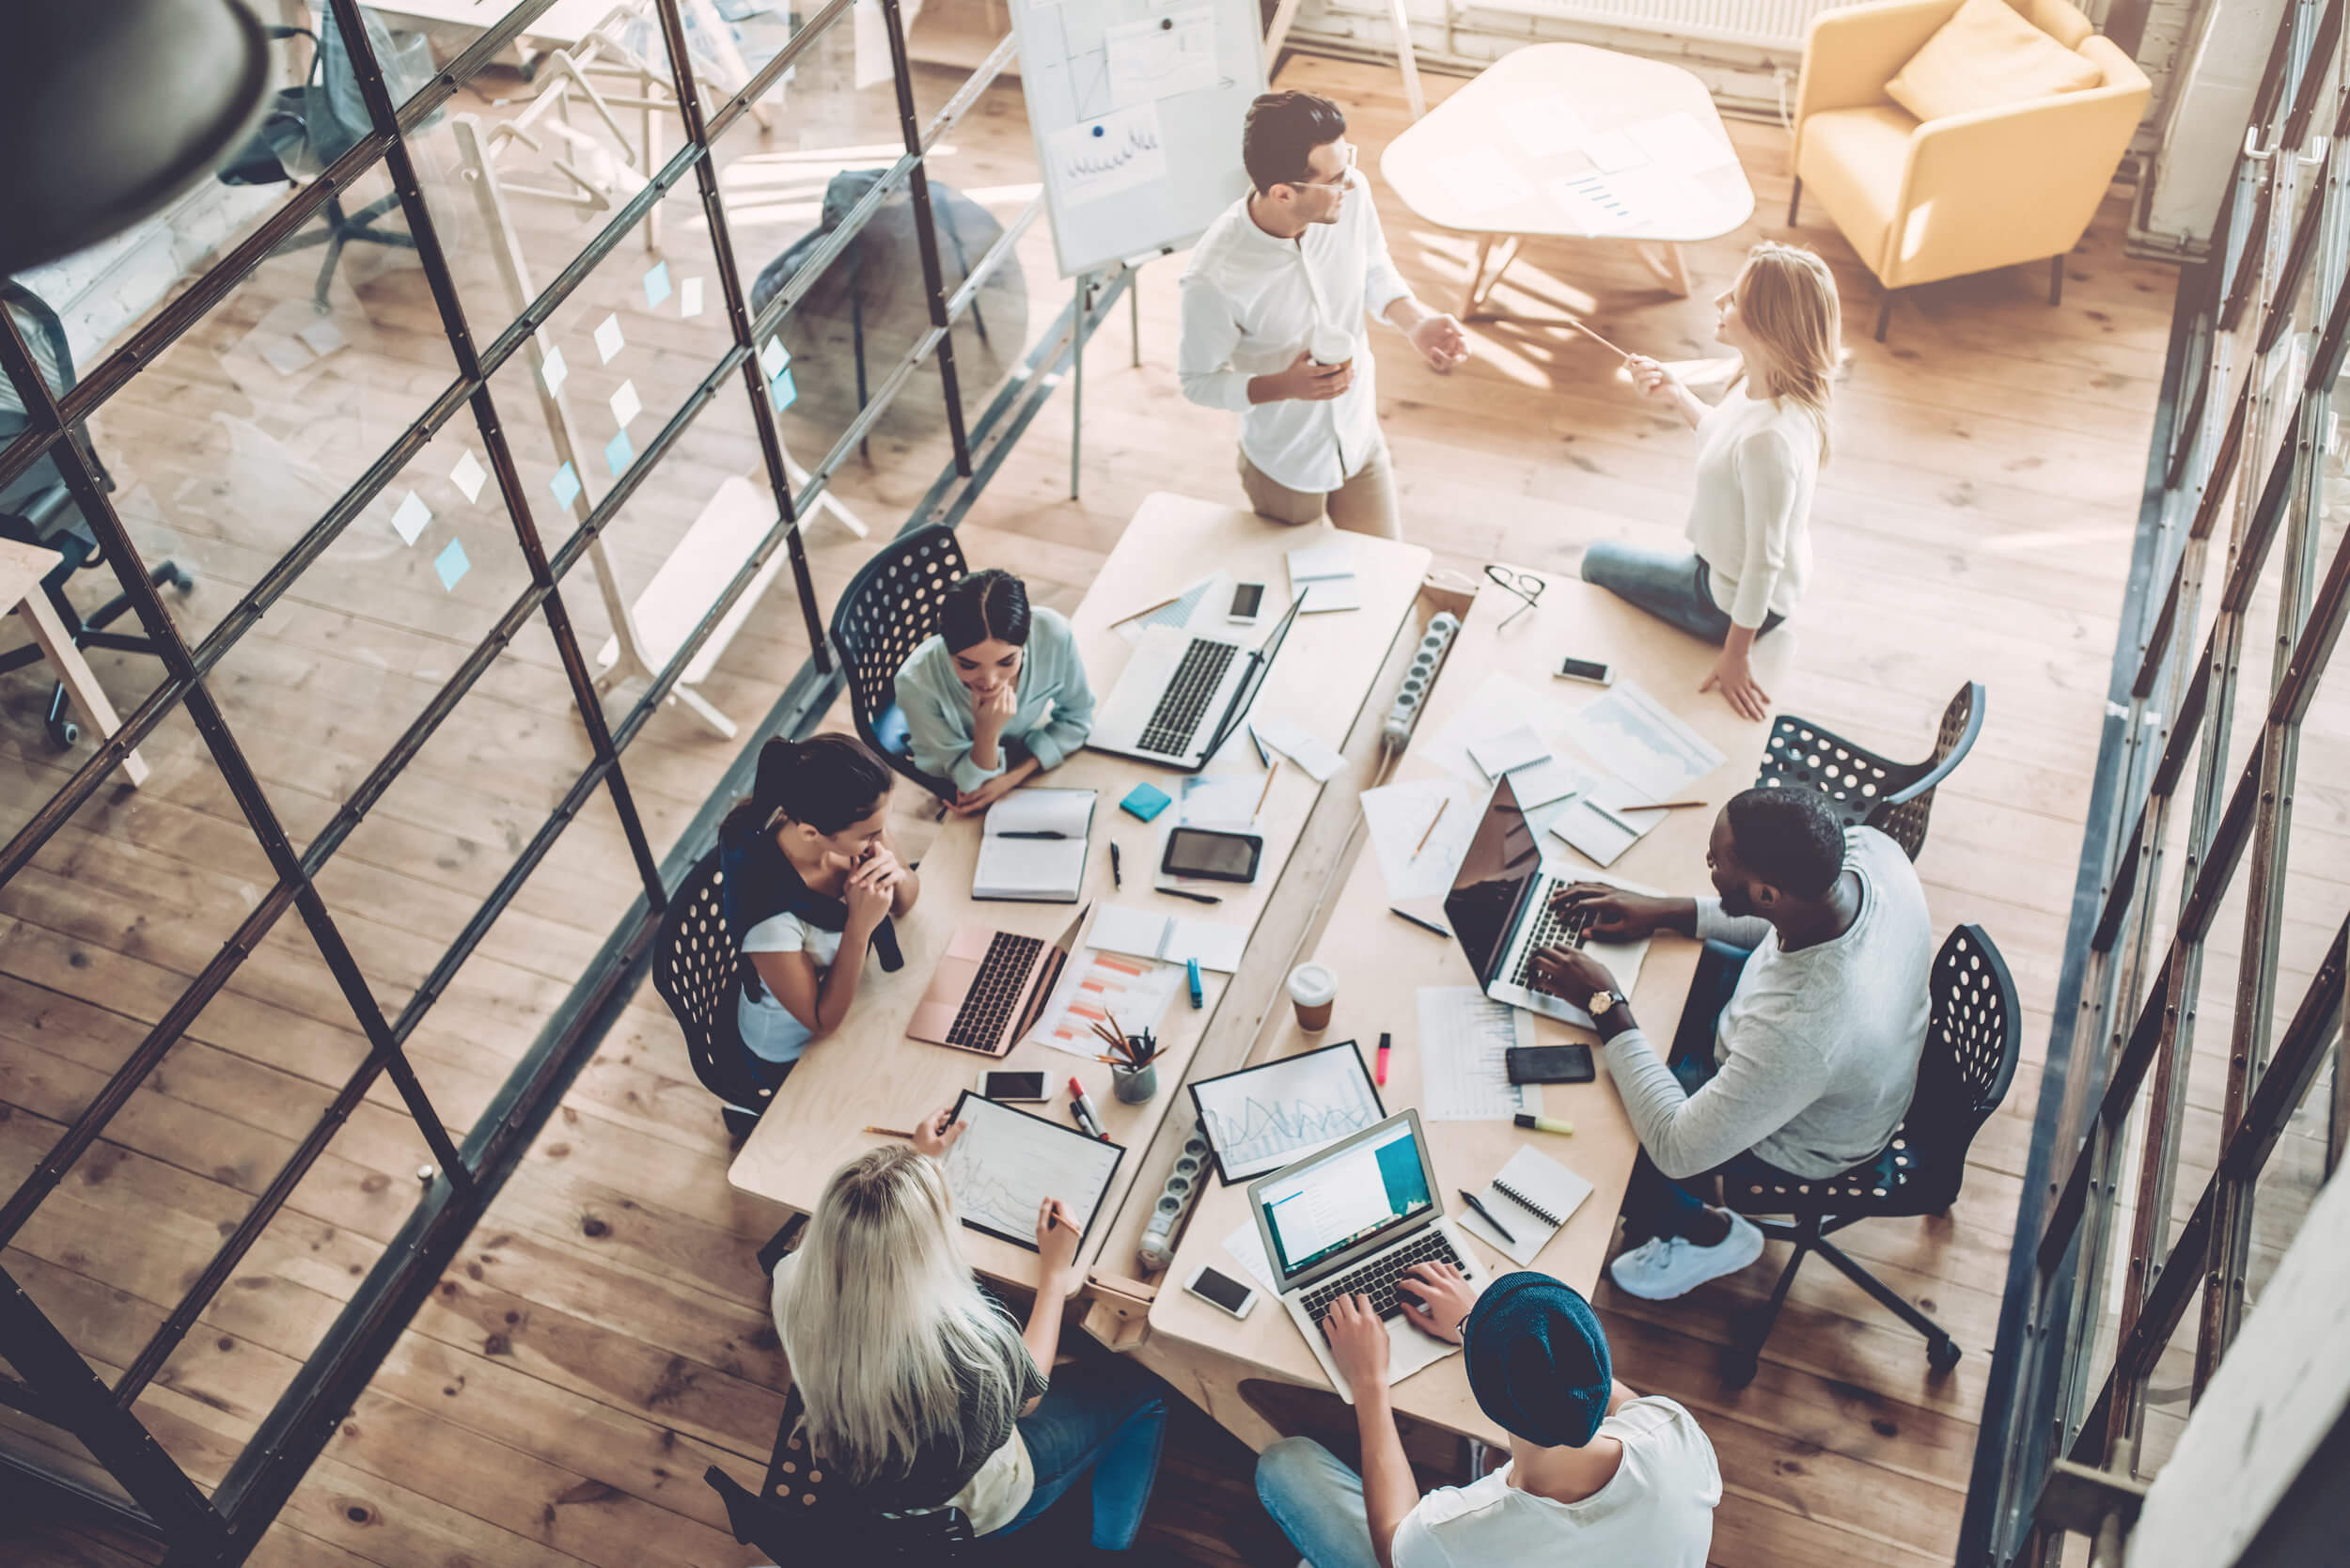 Saiba como montar um ambiente corporativo confortável e produtivo